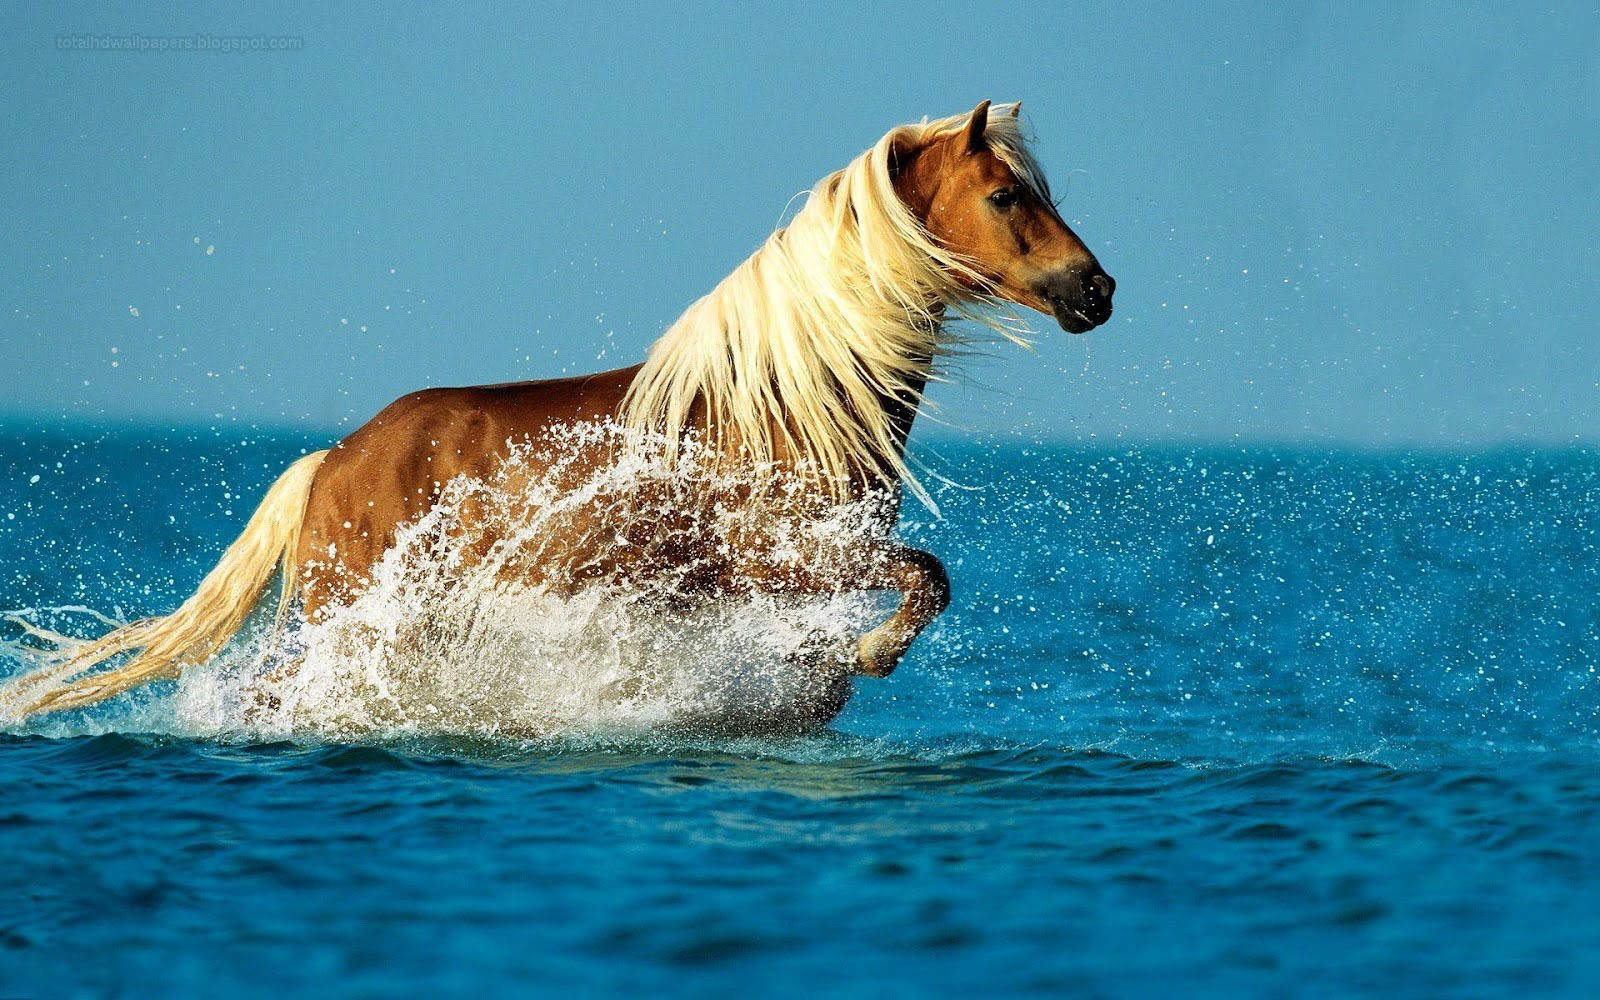 Good Wallpaper Horse Ocean - 98ee1a1e2df55076dc709e330ba8553a  You Should Have_569142.jpg